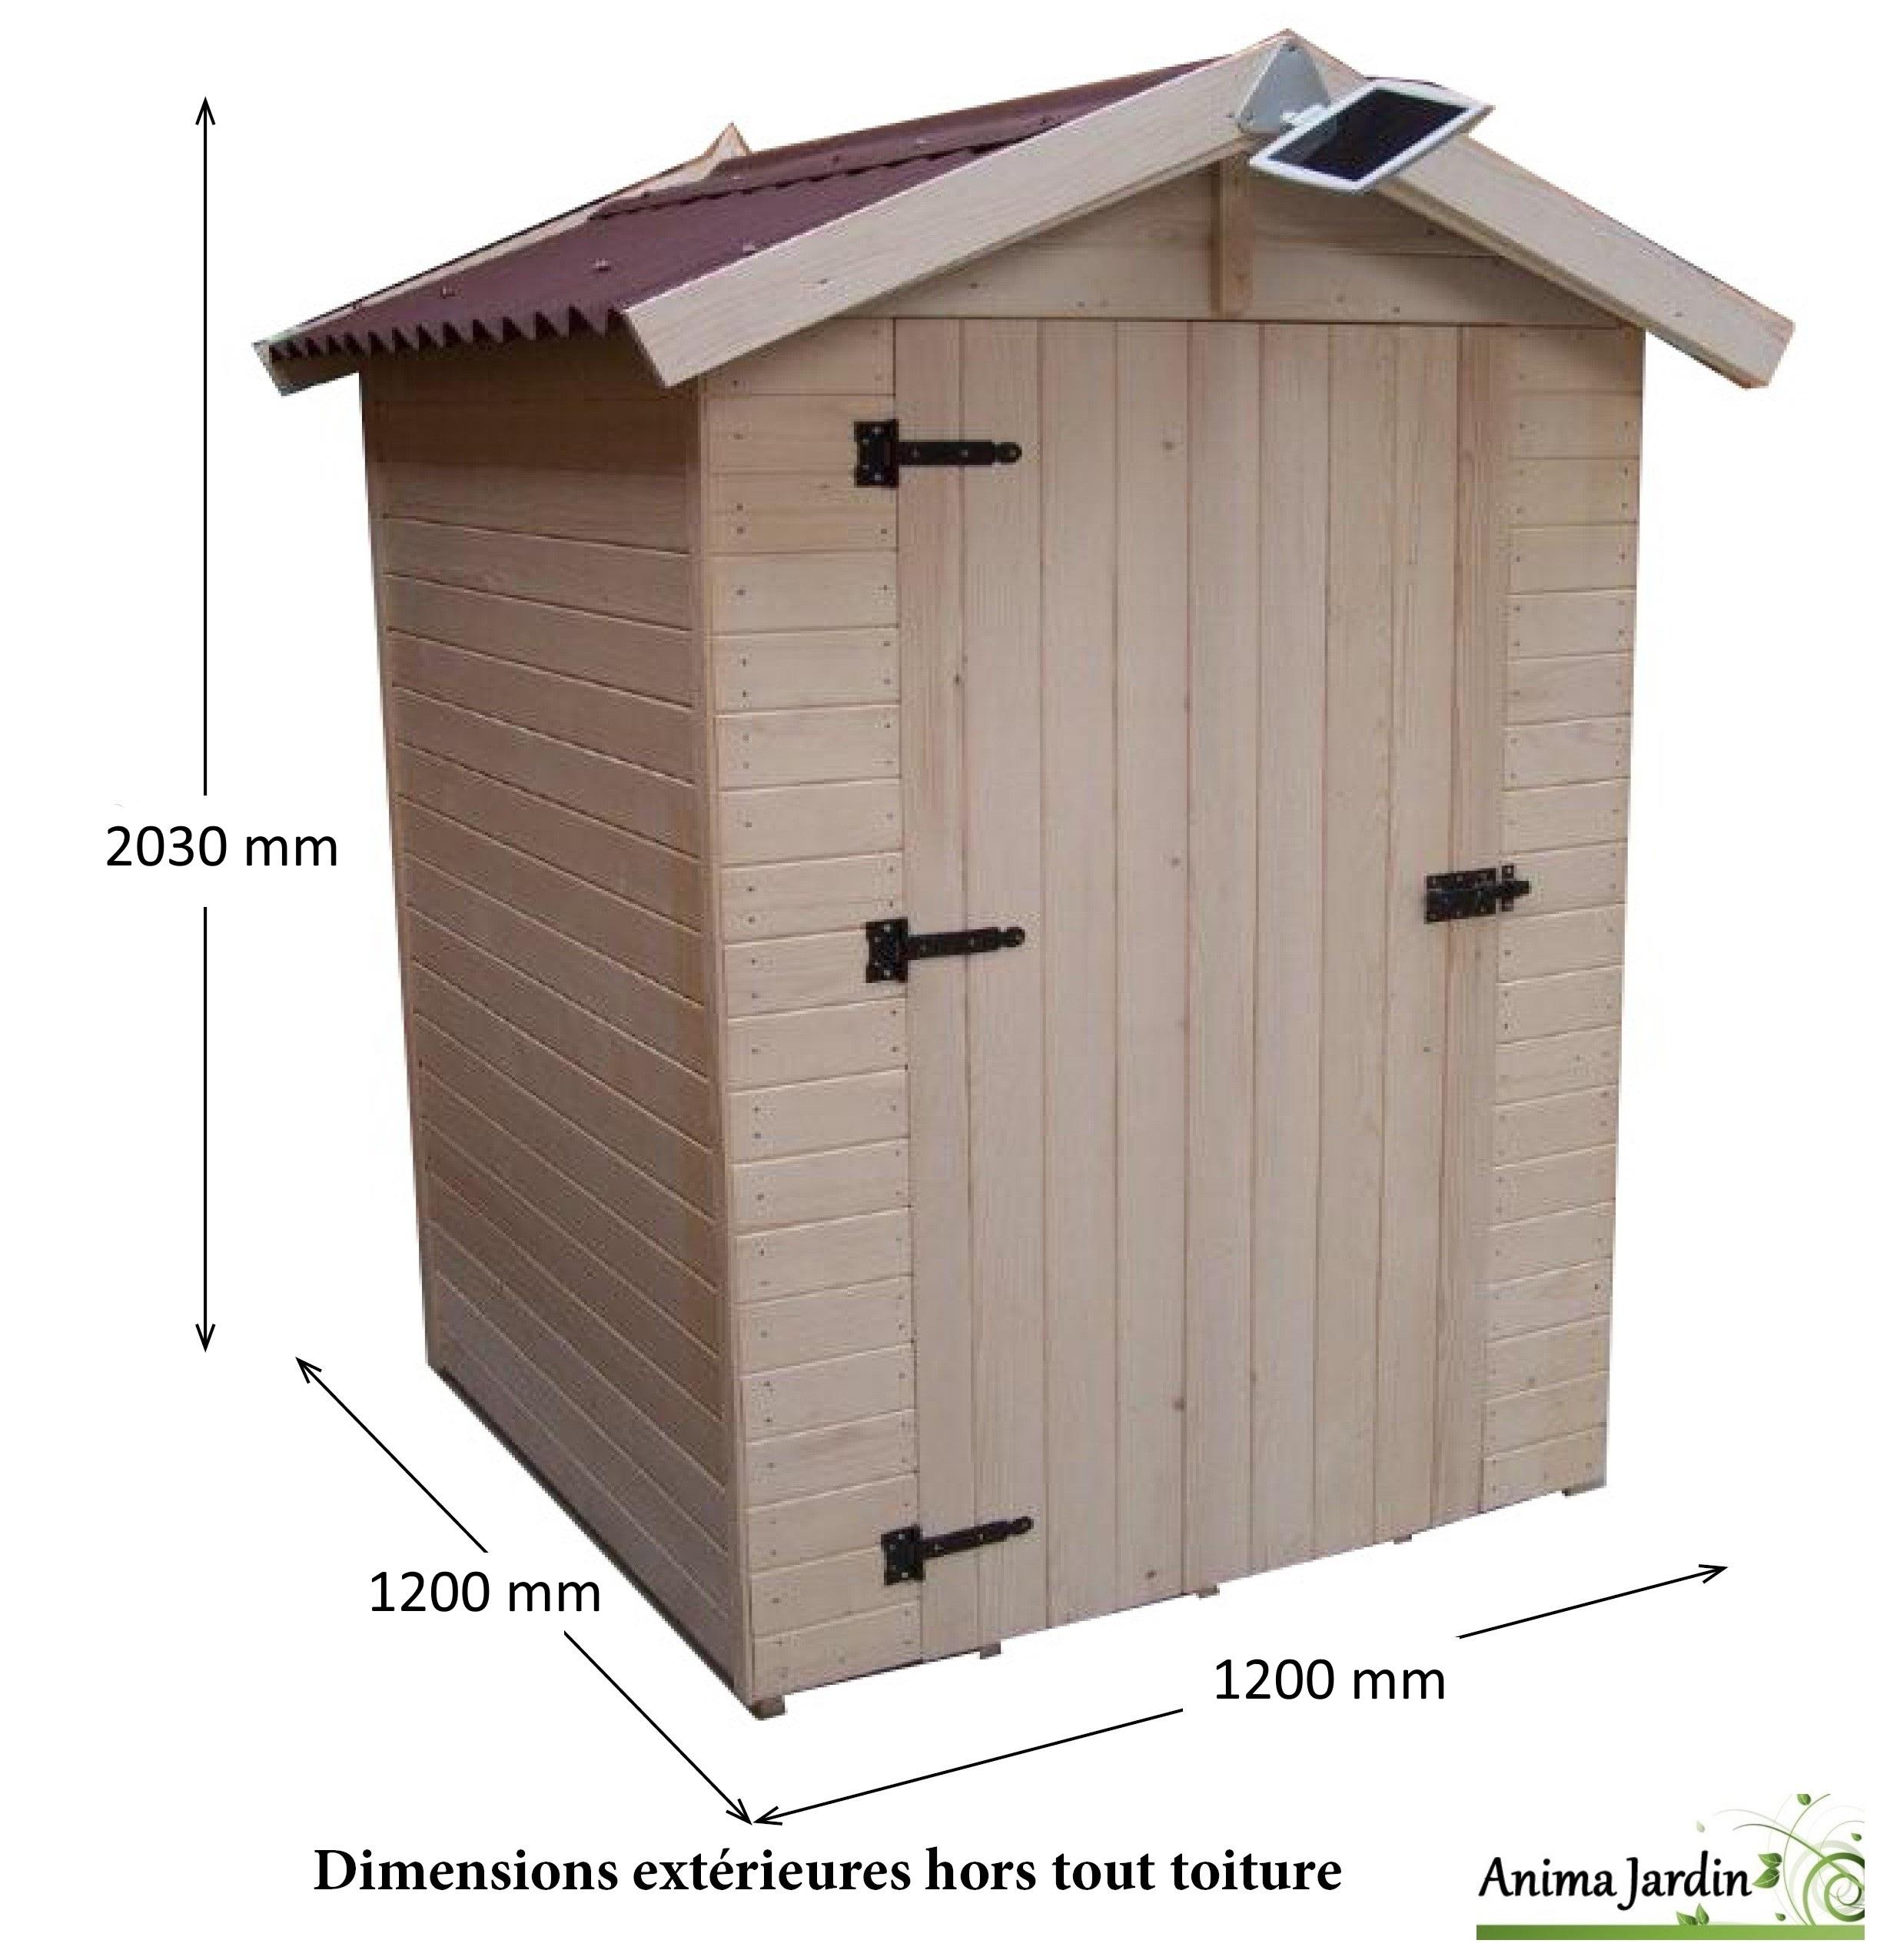 Toilettes Sèches En Bois Avec Sciure, Abri Extérieur, Prix tout Toilettes Sèches Prix